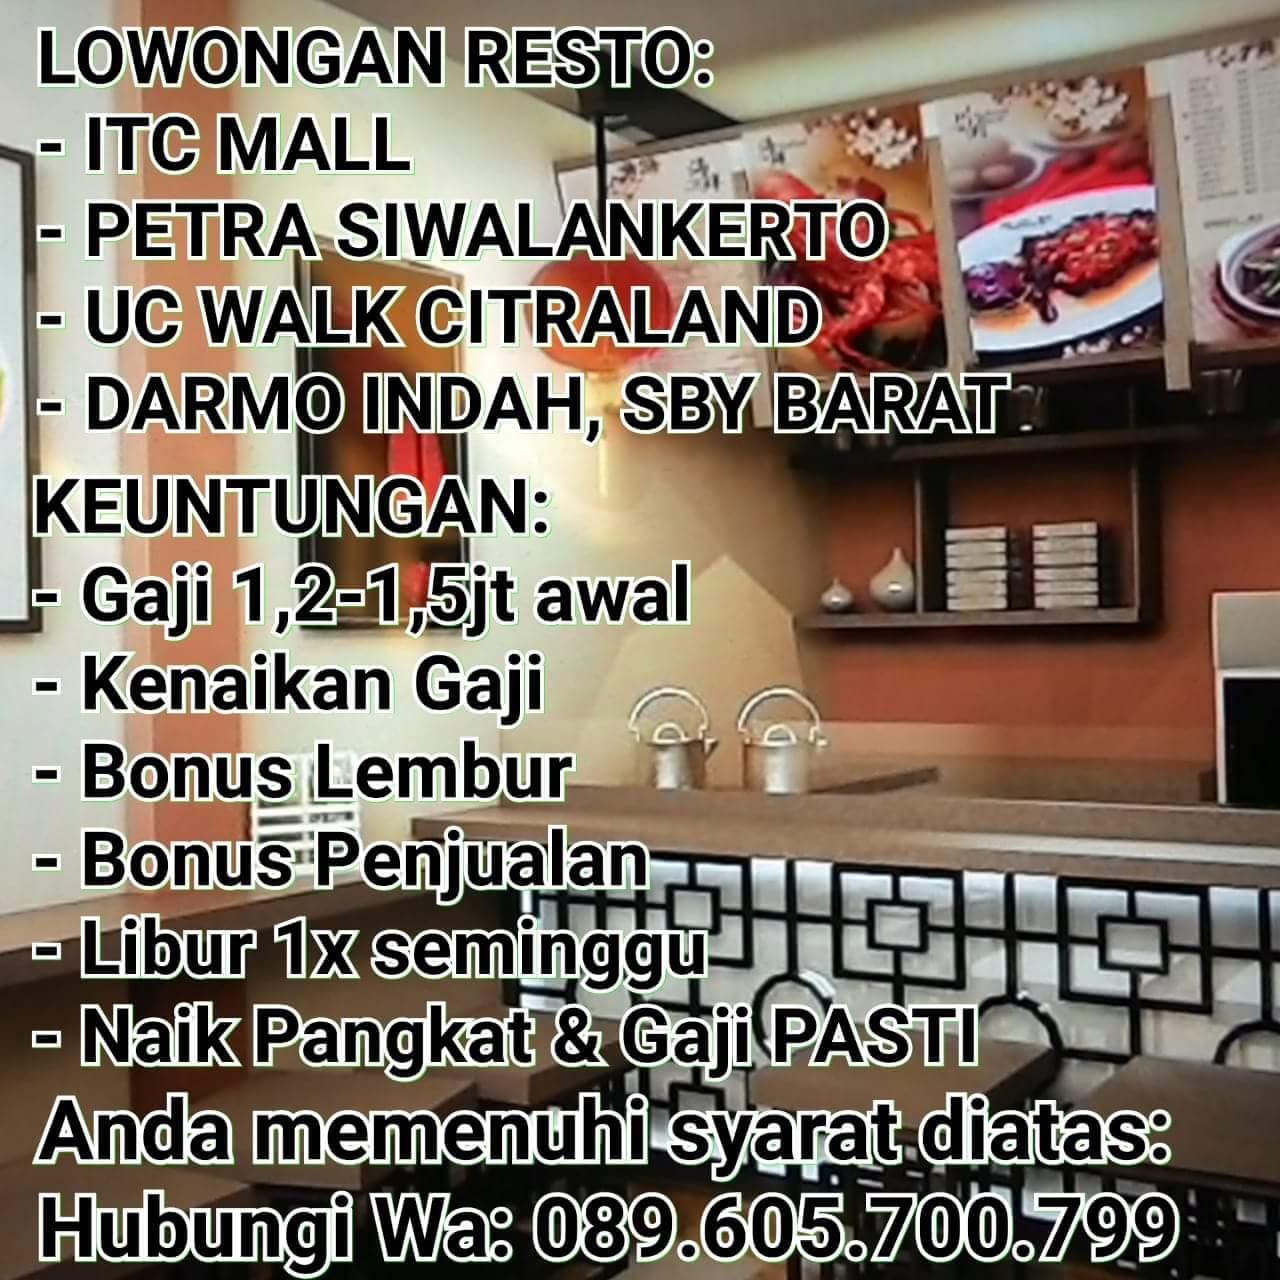 Karir Terbaru Di Restaurant Surabaya Juni 2018 Lowongan Kerja Surabaya Januari 2021 Lowongan Kerja Jawa Timur Terbaru